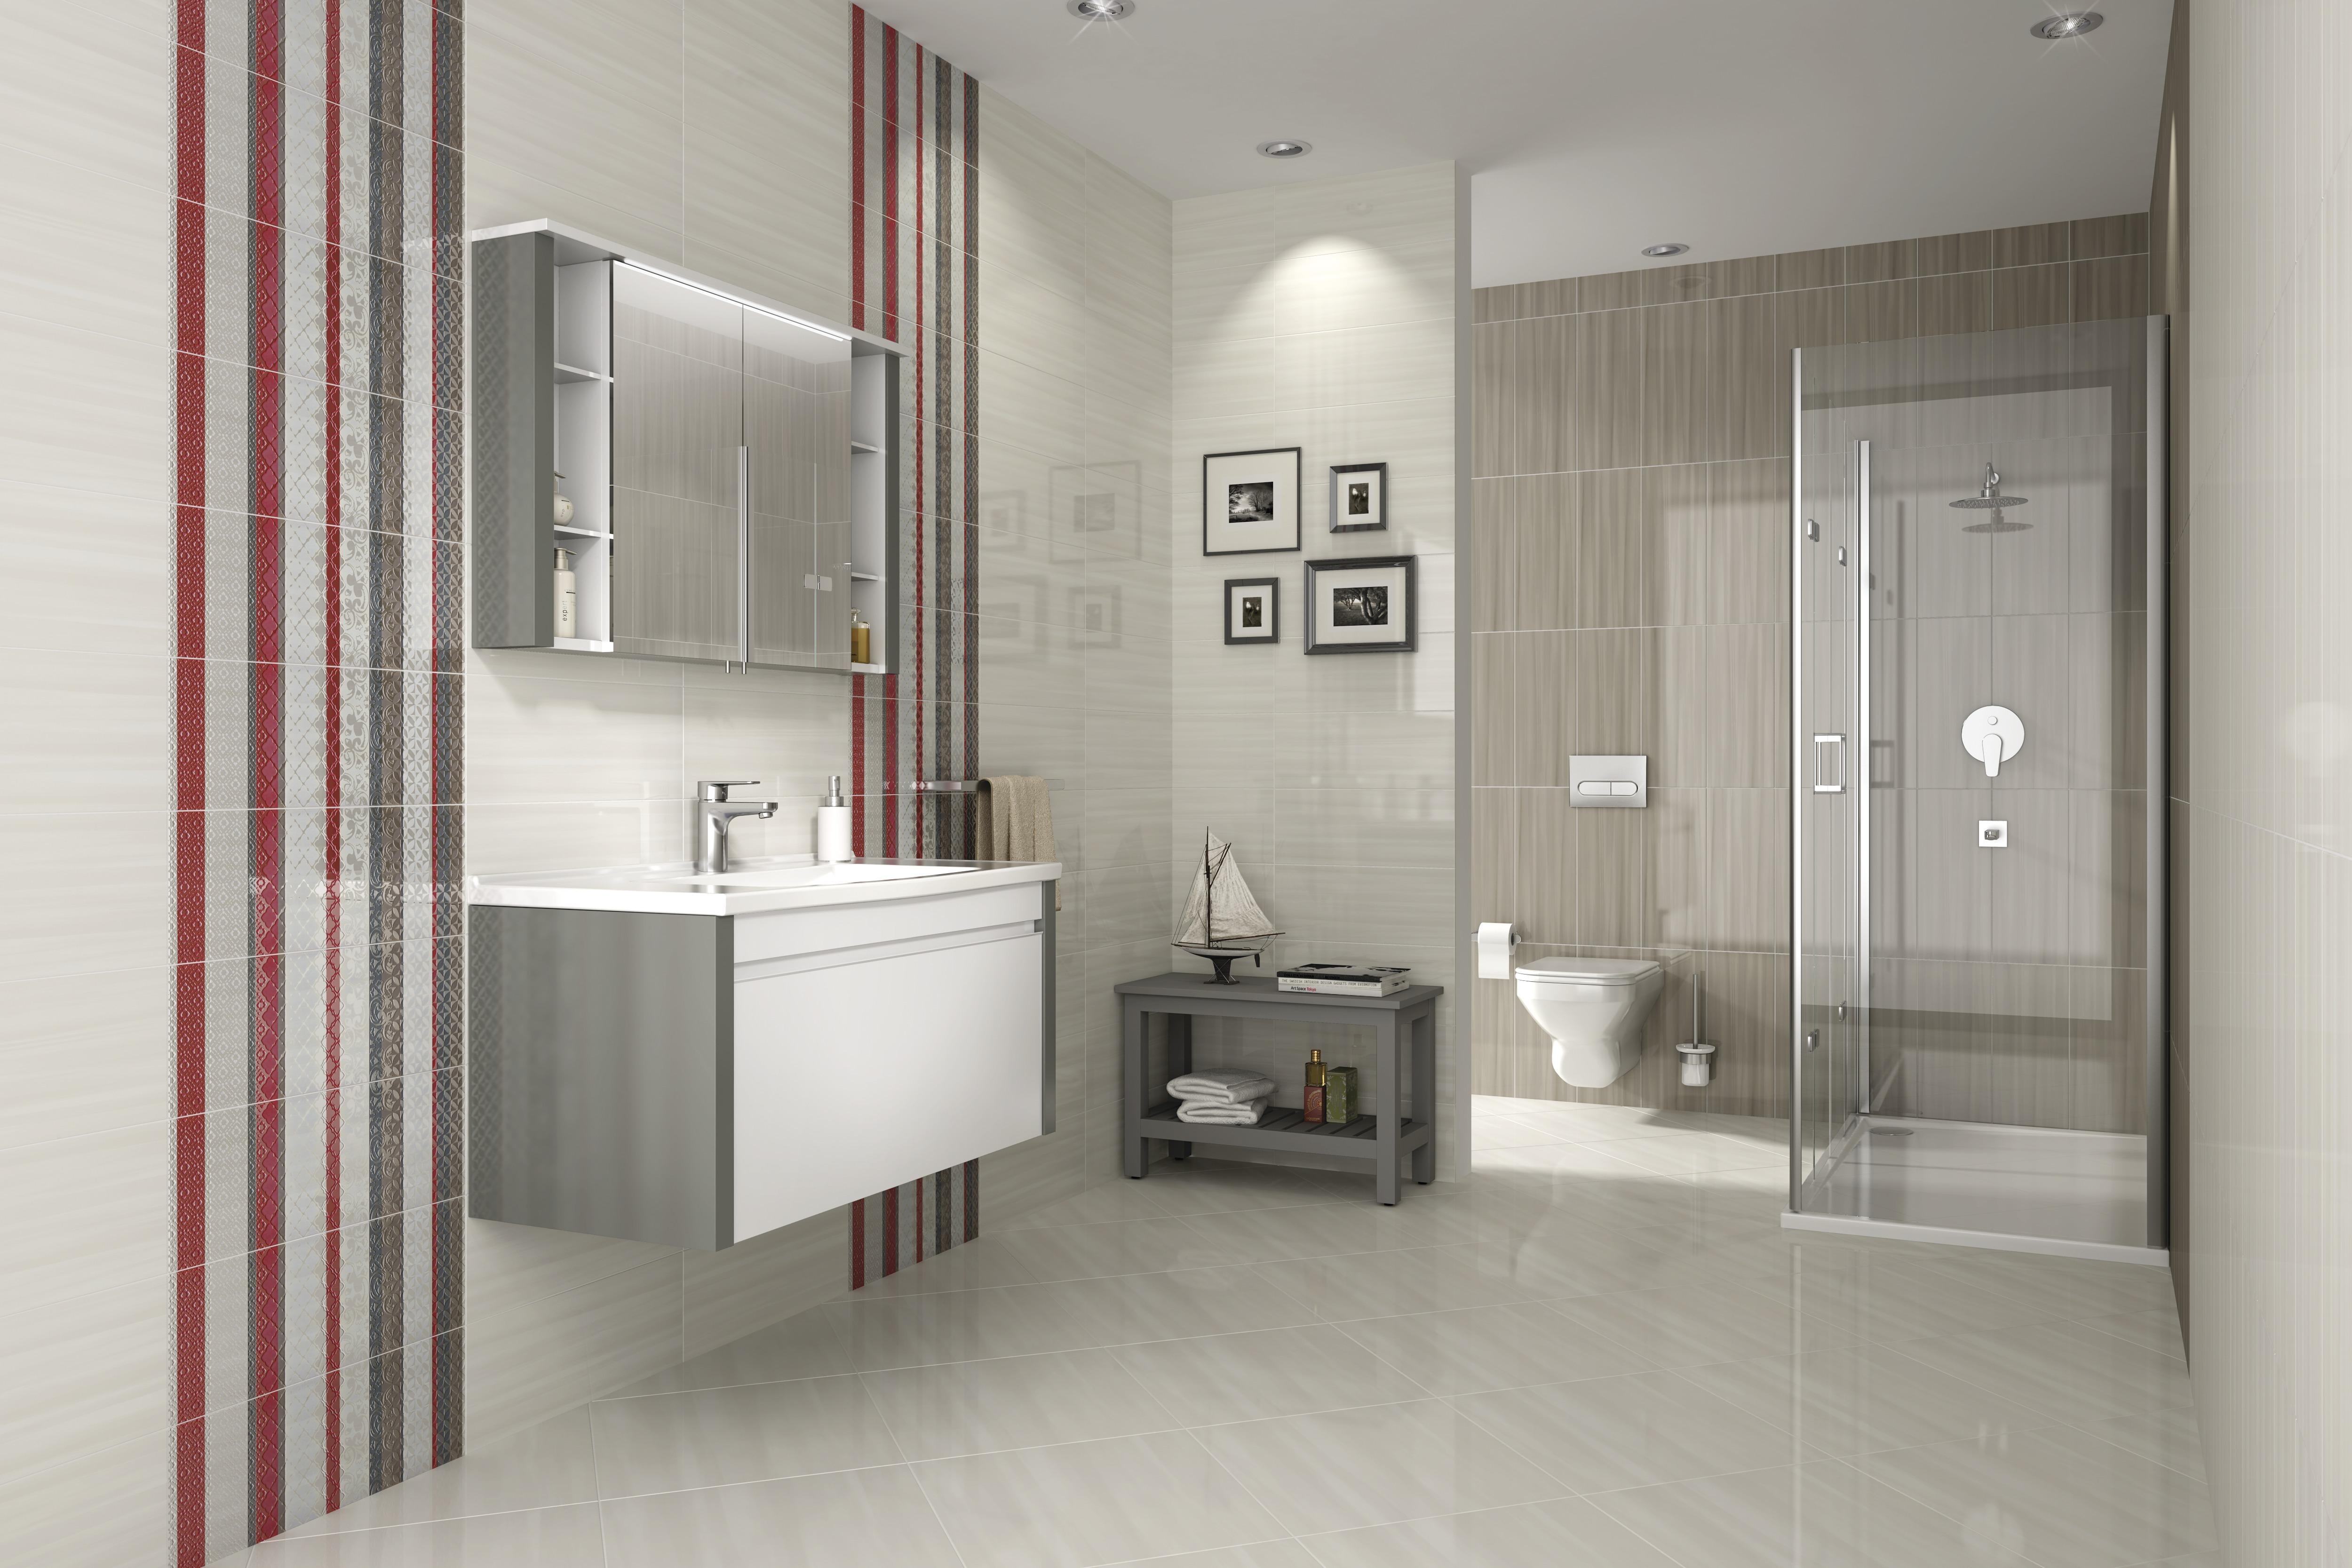 fliesen badshop mode m bel badshop damen und herren. Black Bedroom Furniture Sets. Home Design Ideas